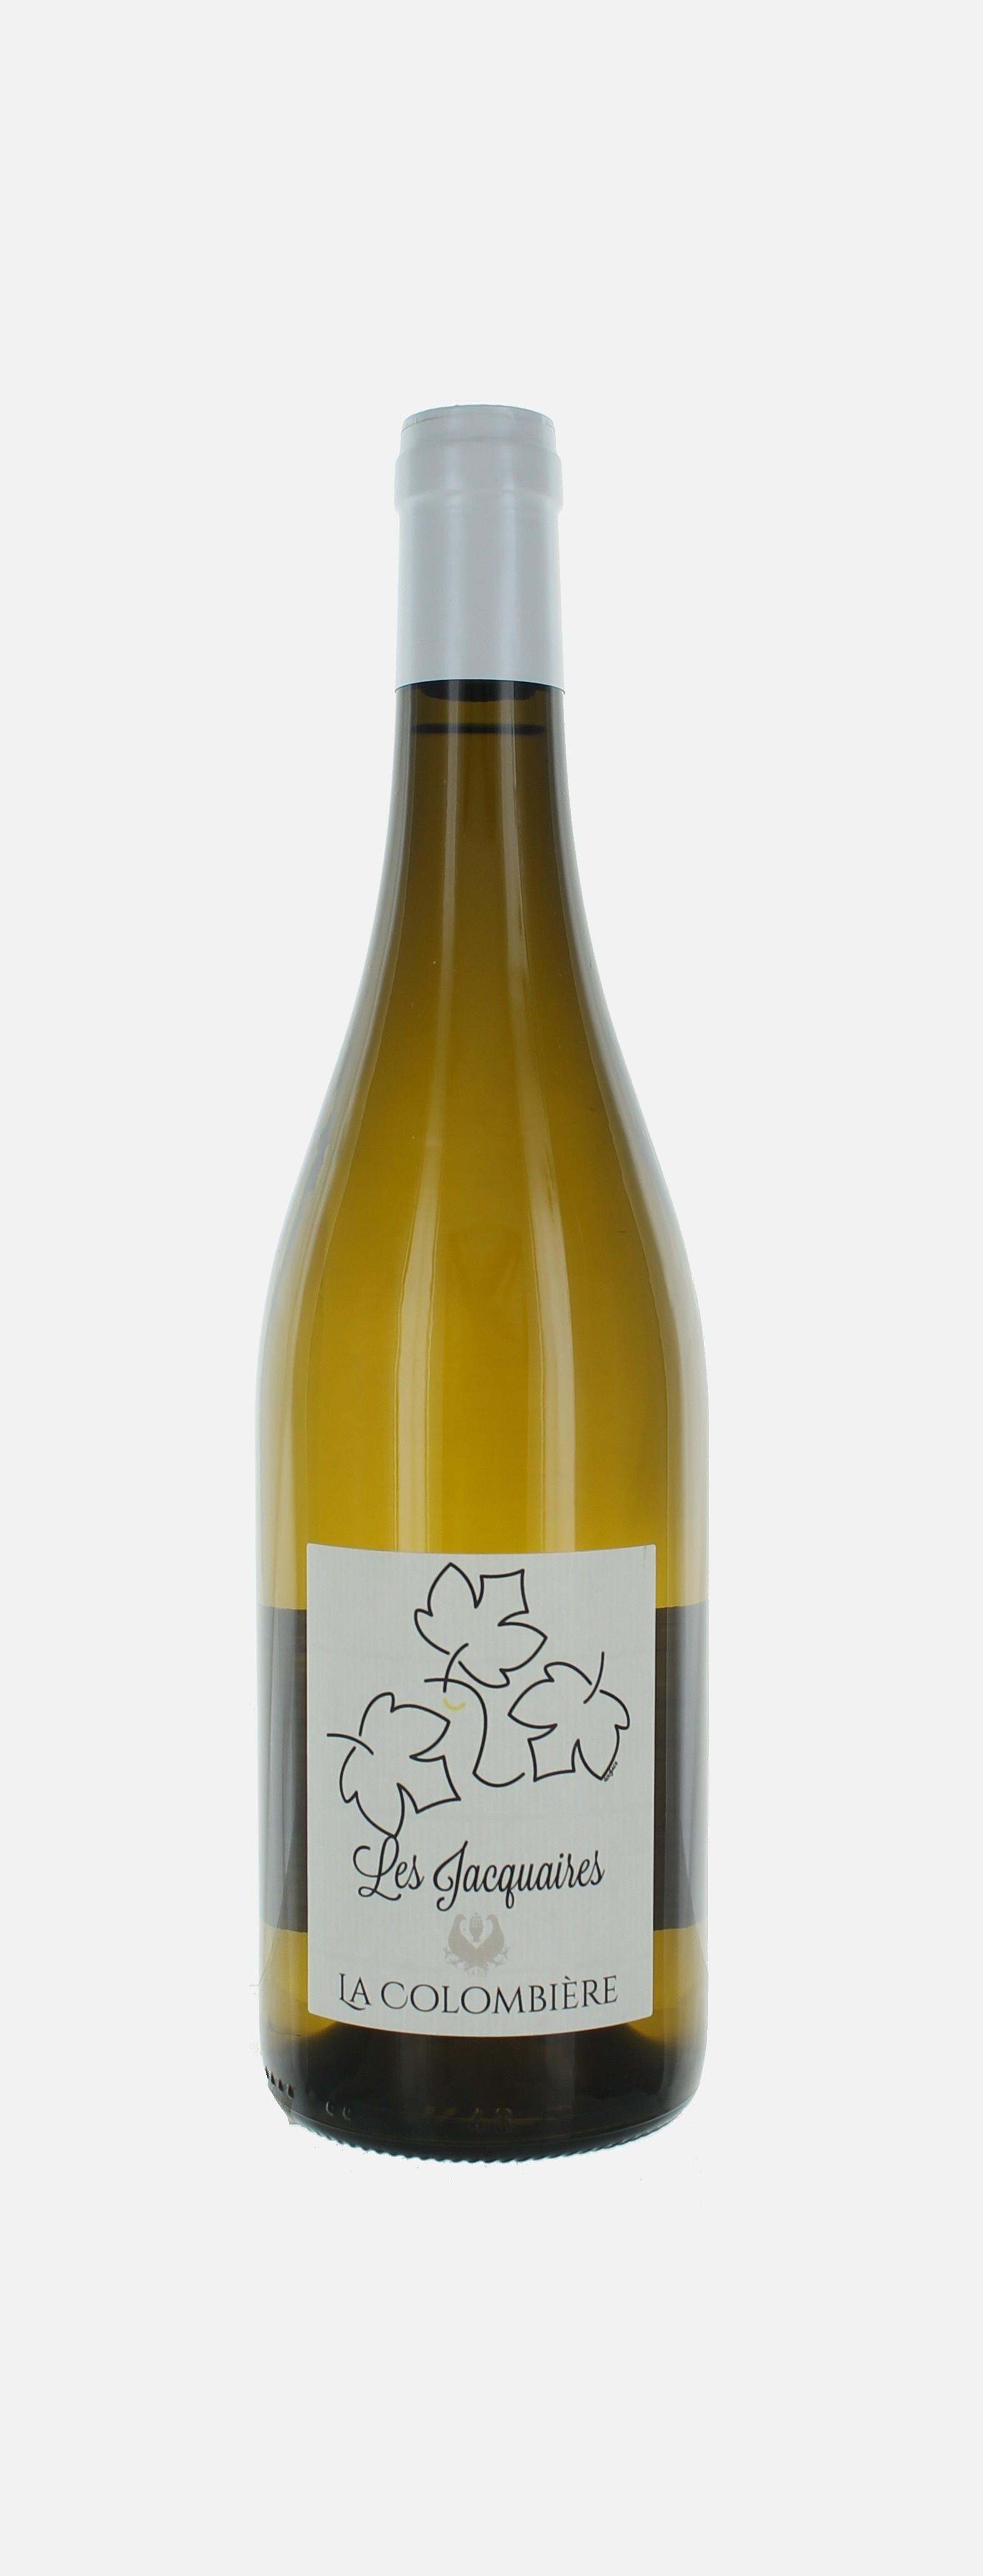 Les Jacquaires, Vin de France, La Colombiere